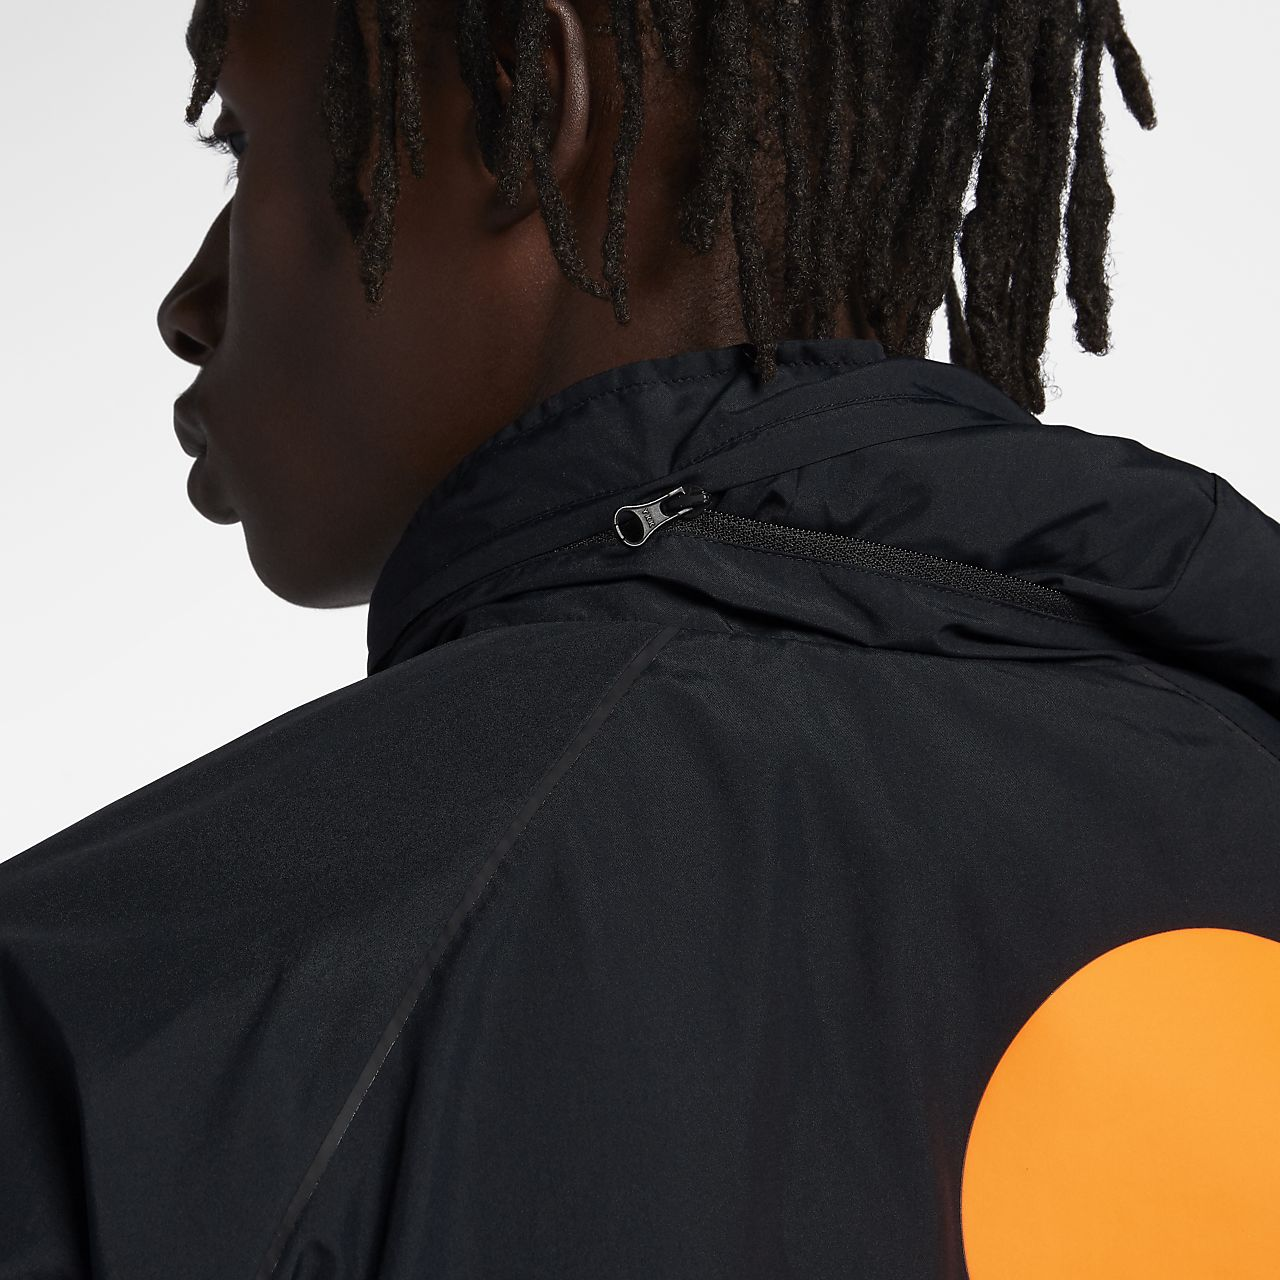 Nike Nike x Off White Track Jacket AA3298 010 | BSTN Store